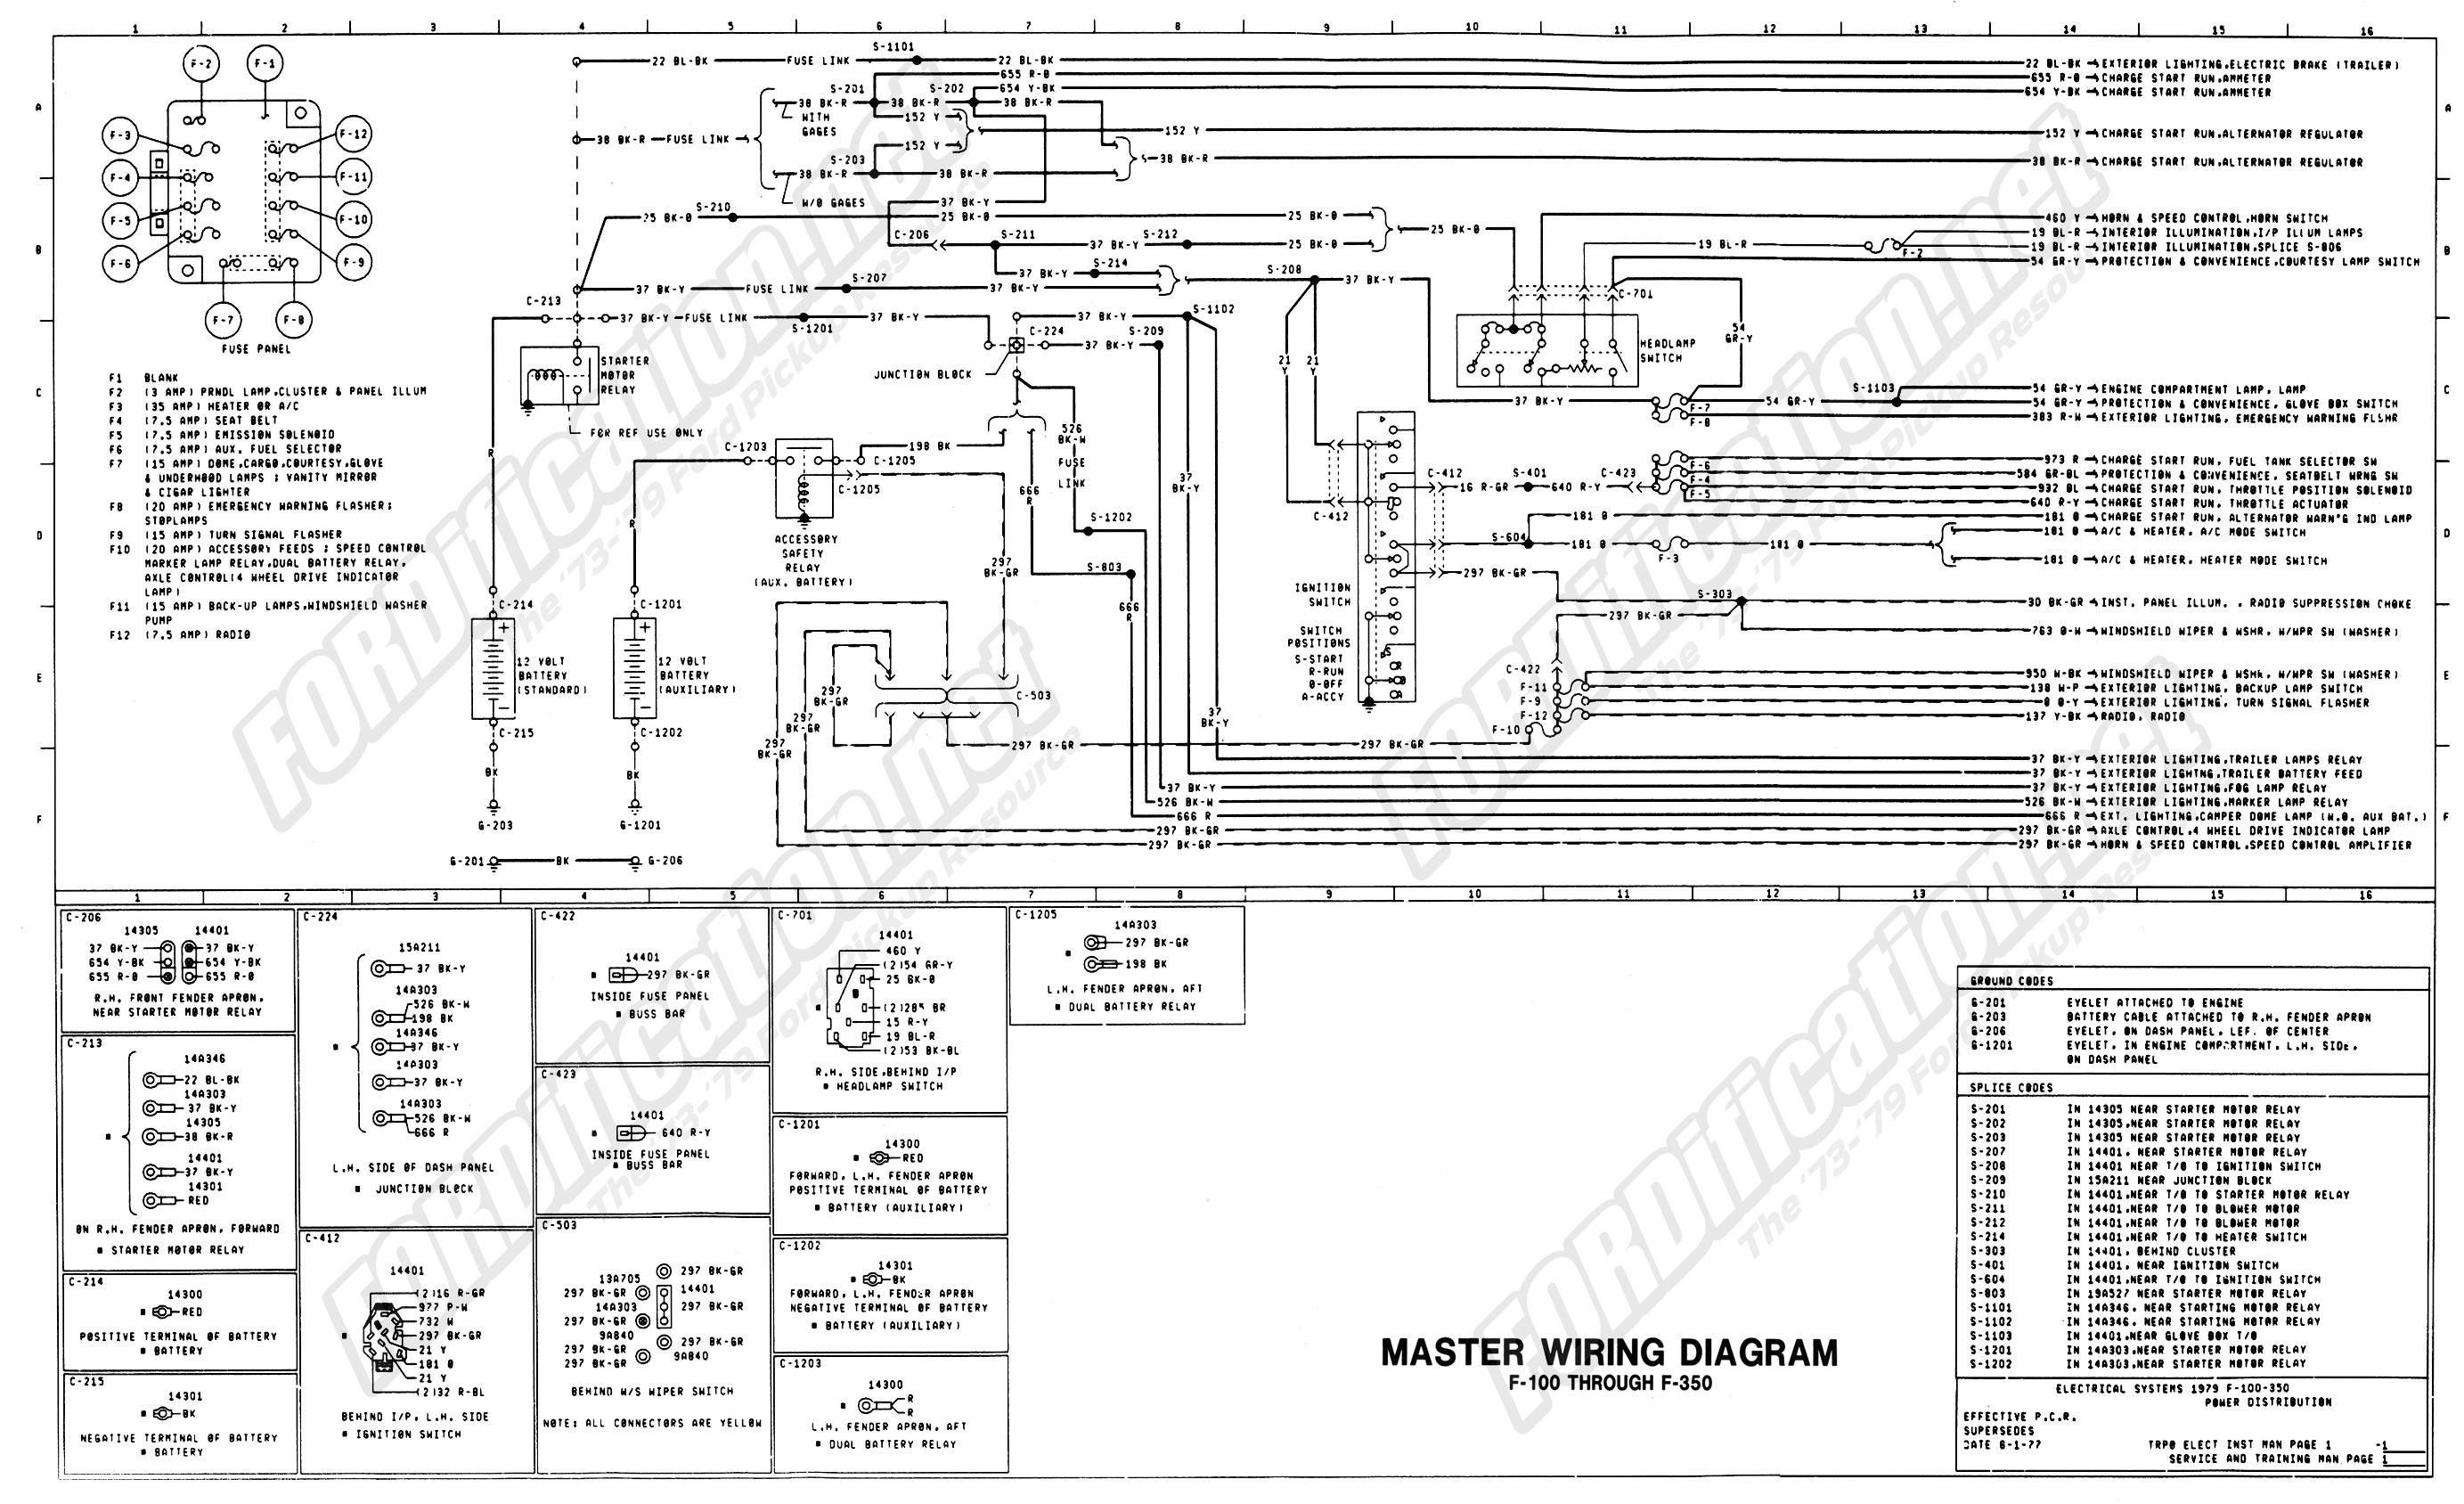 International Wiring Schematic